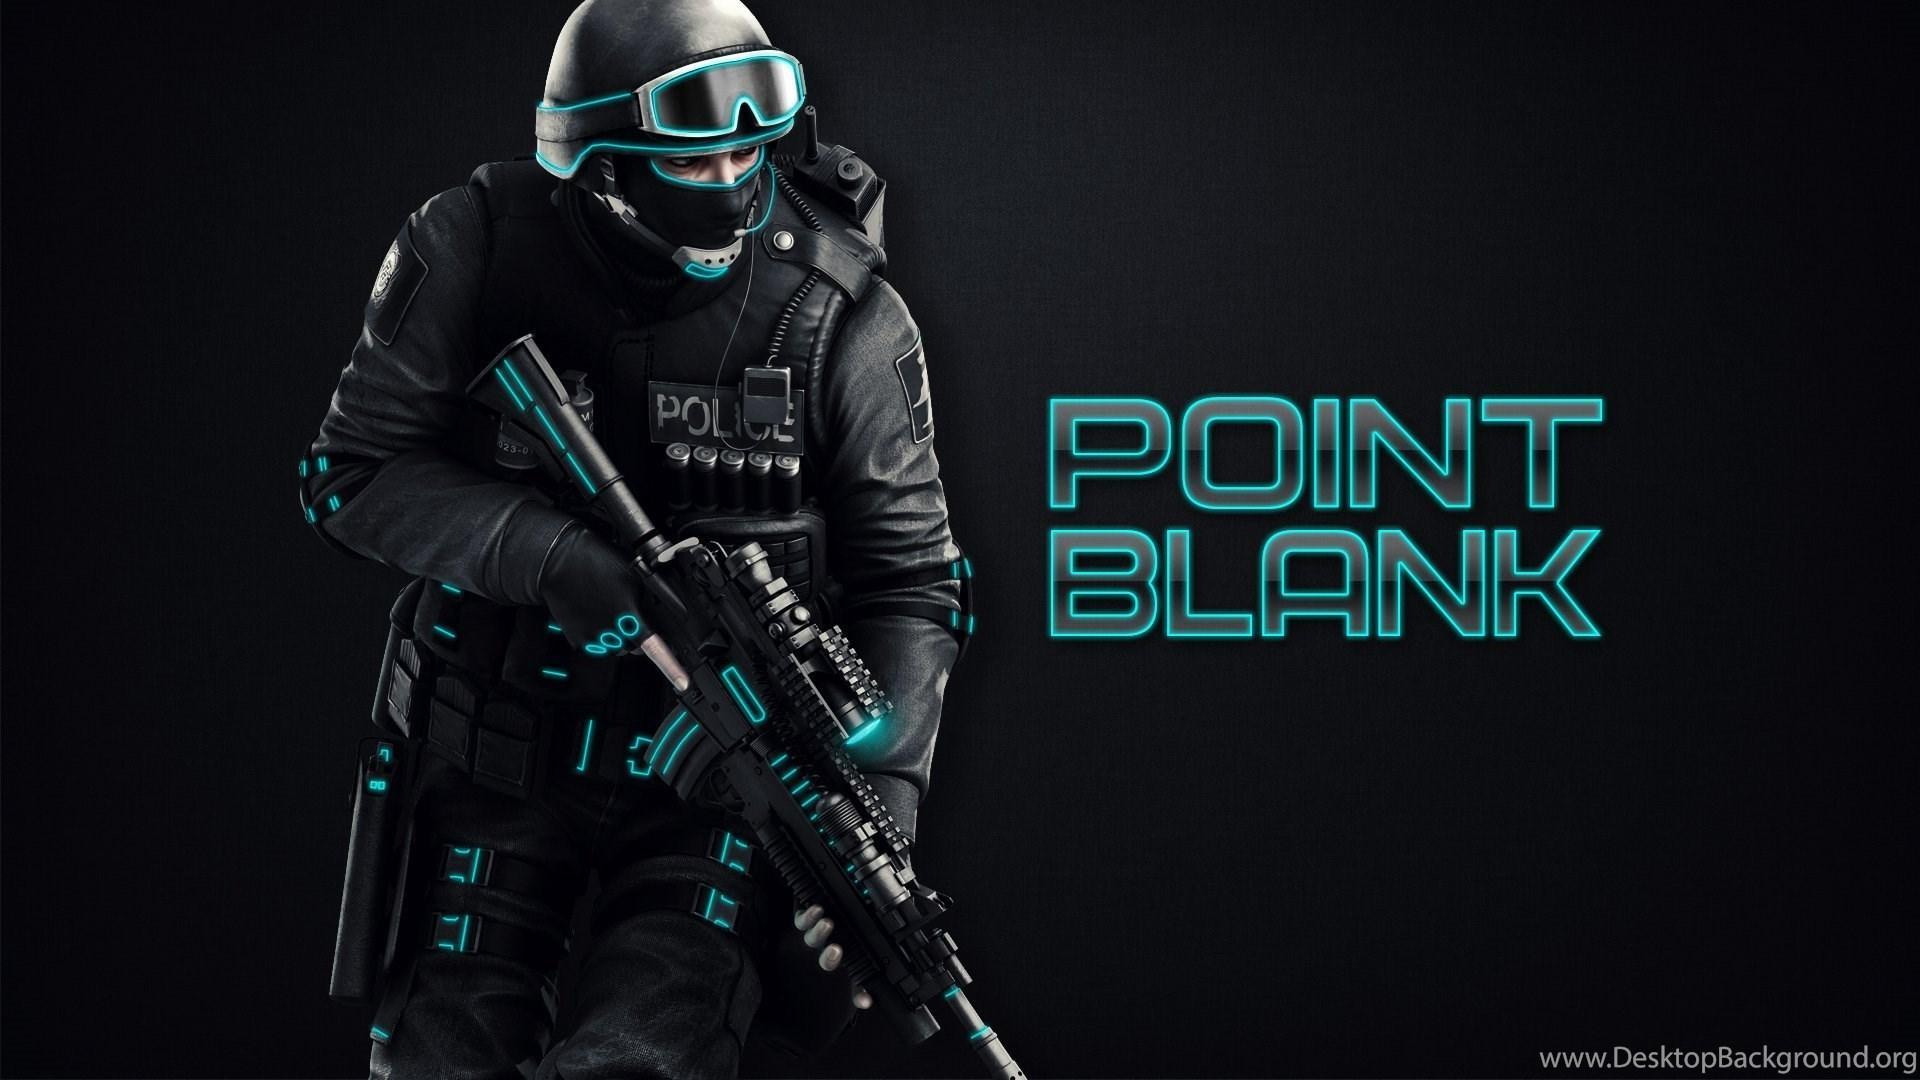 Best Ideas Point Blank Hd Wallpapers Desktop Background